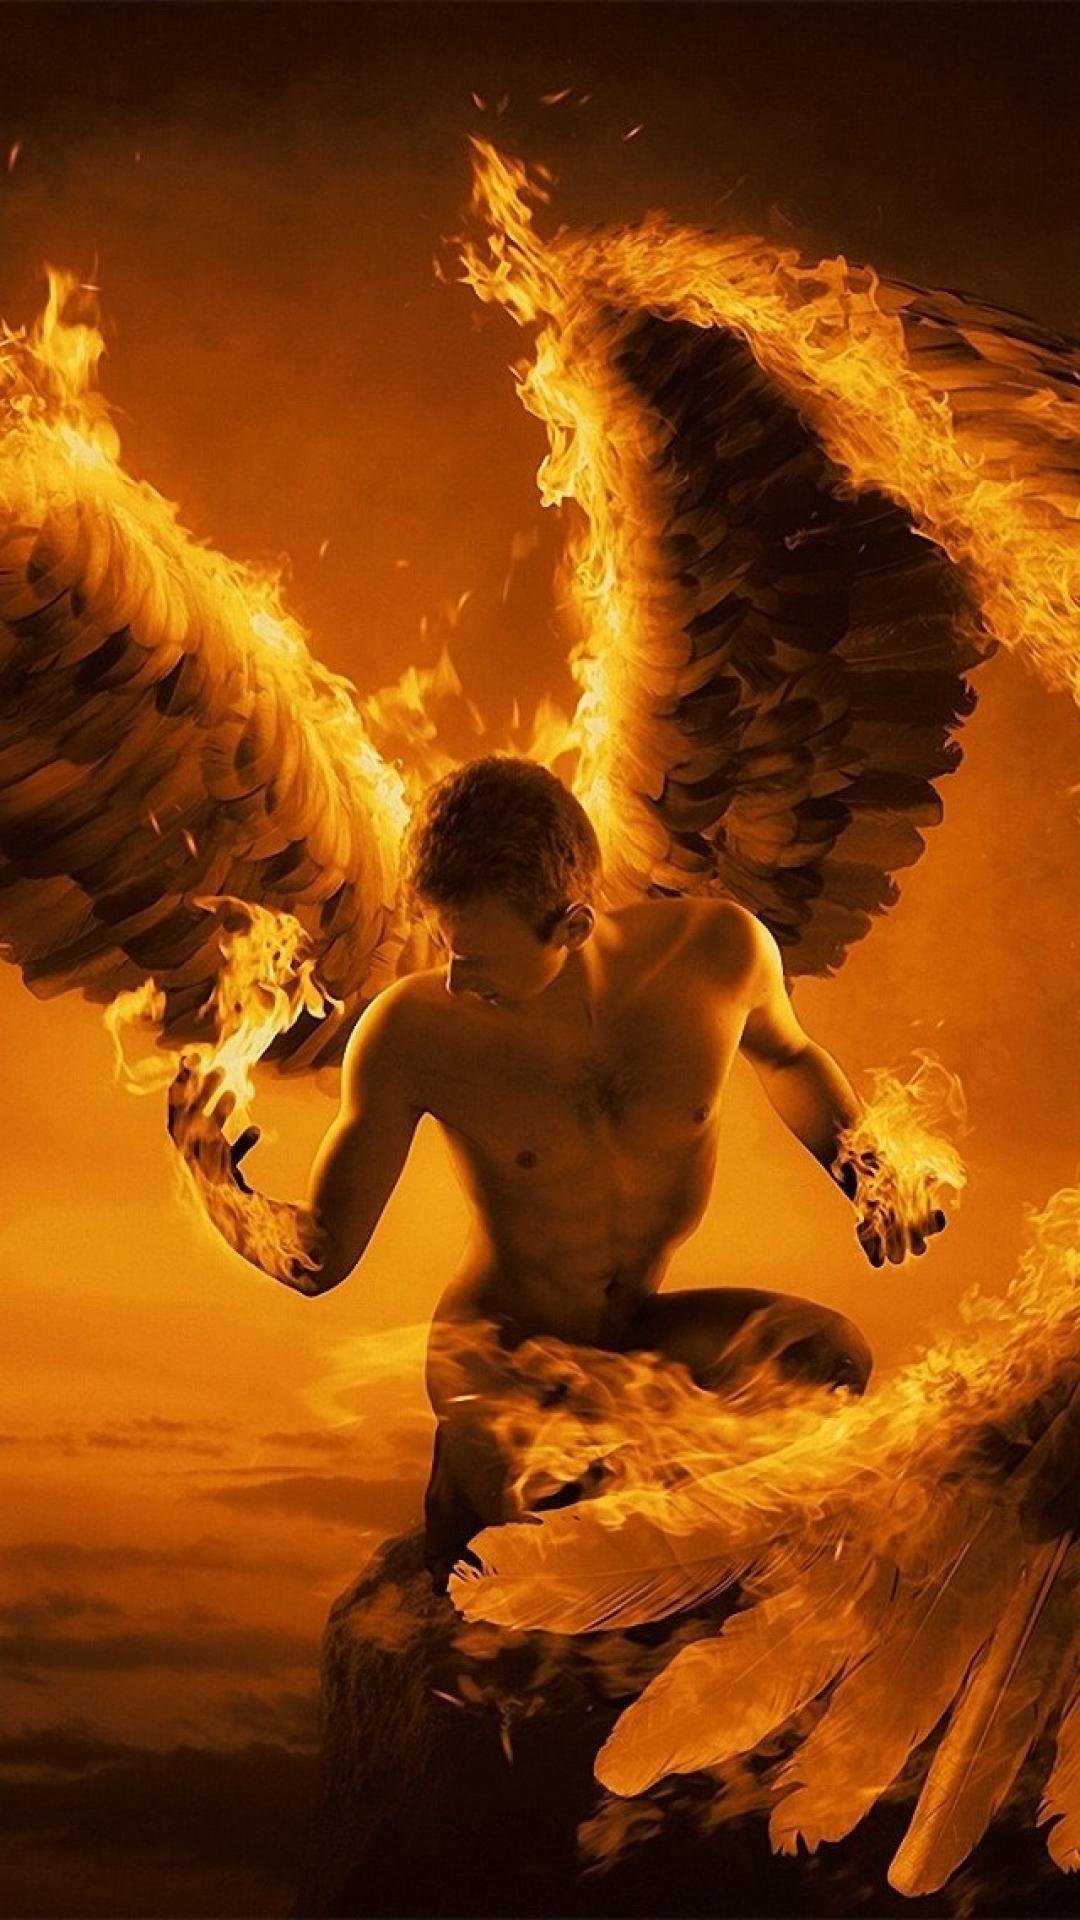 Fiery Angel, The Man